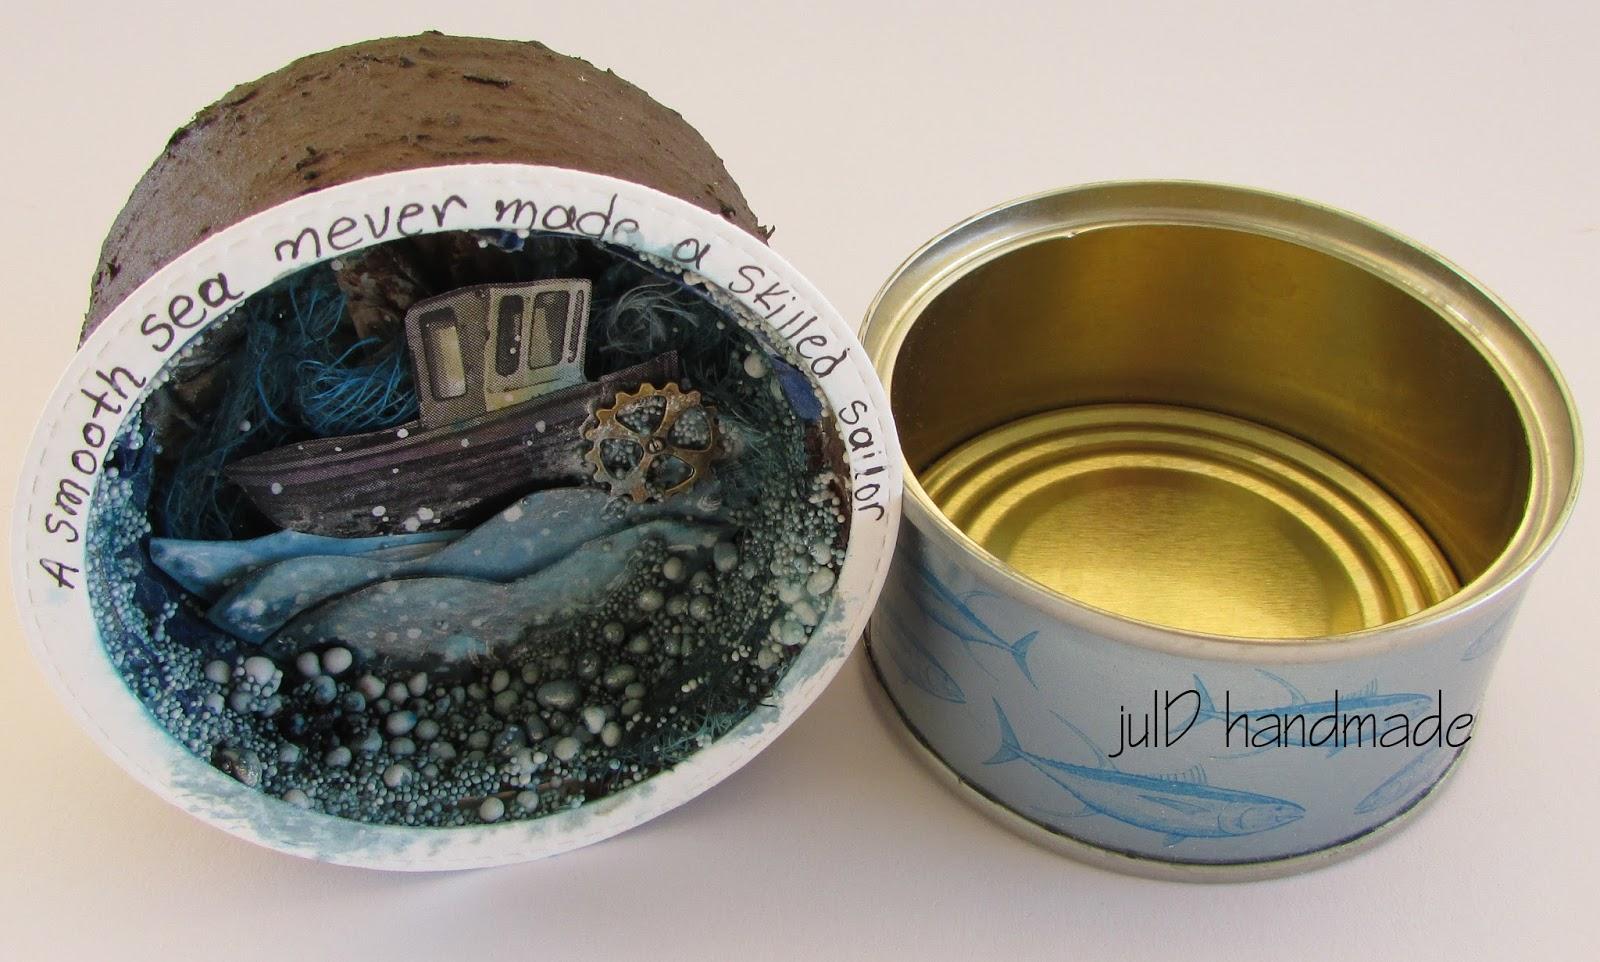 juld handmade α tiny tuna tin full of sea